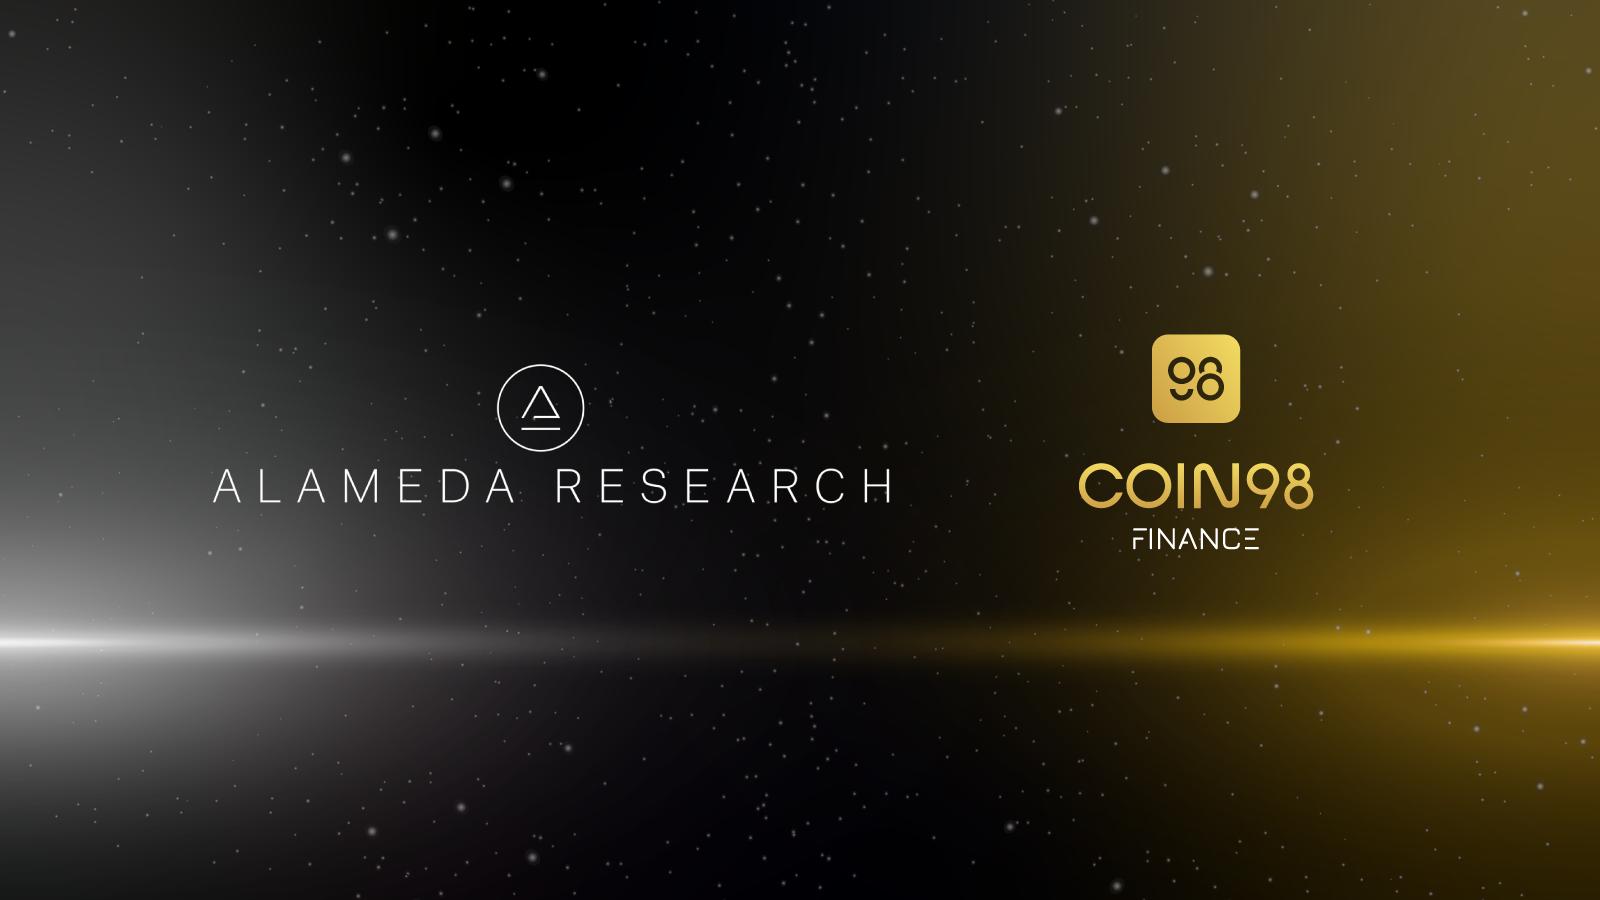 المیڈا ریسرچ Coin4 فنانس میں 98 ملین ڈالر کی سرمایہ کاری کرتی ہے